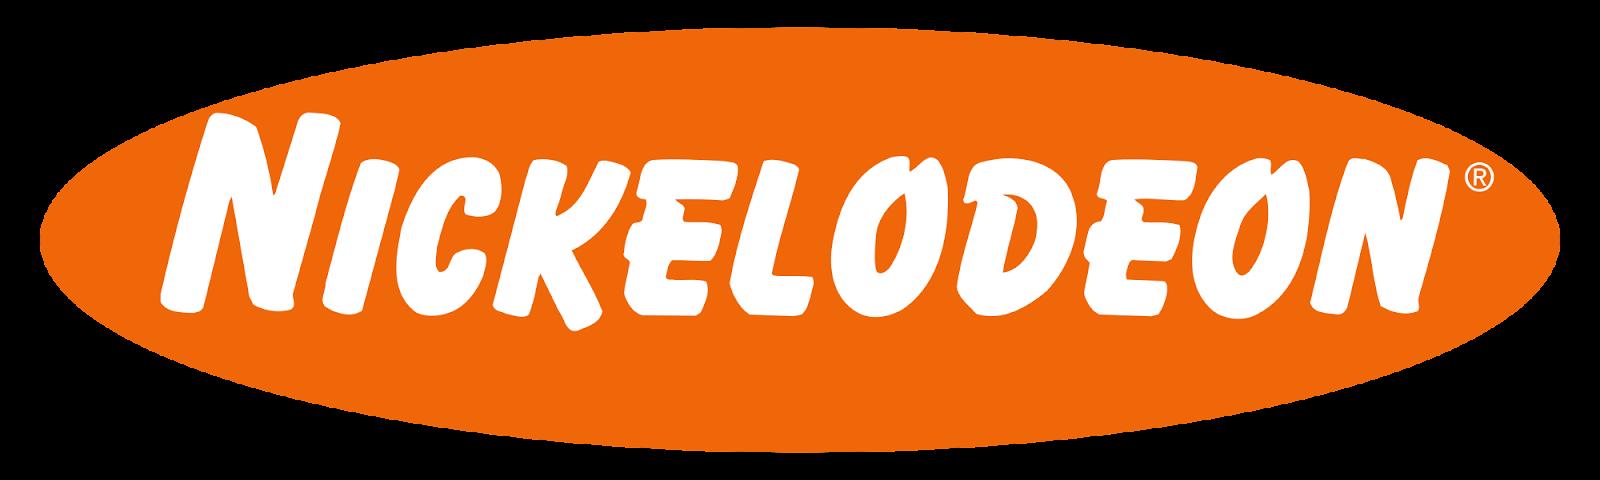 Nickelodeon-Logo.png